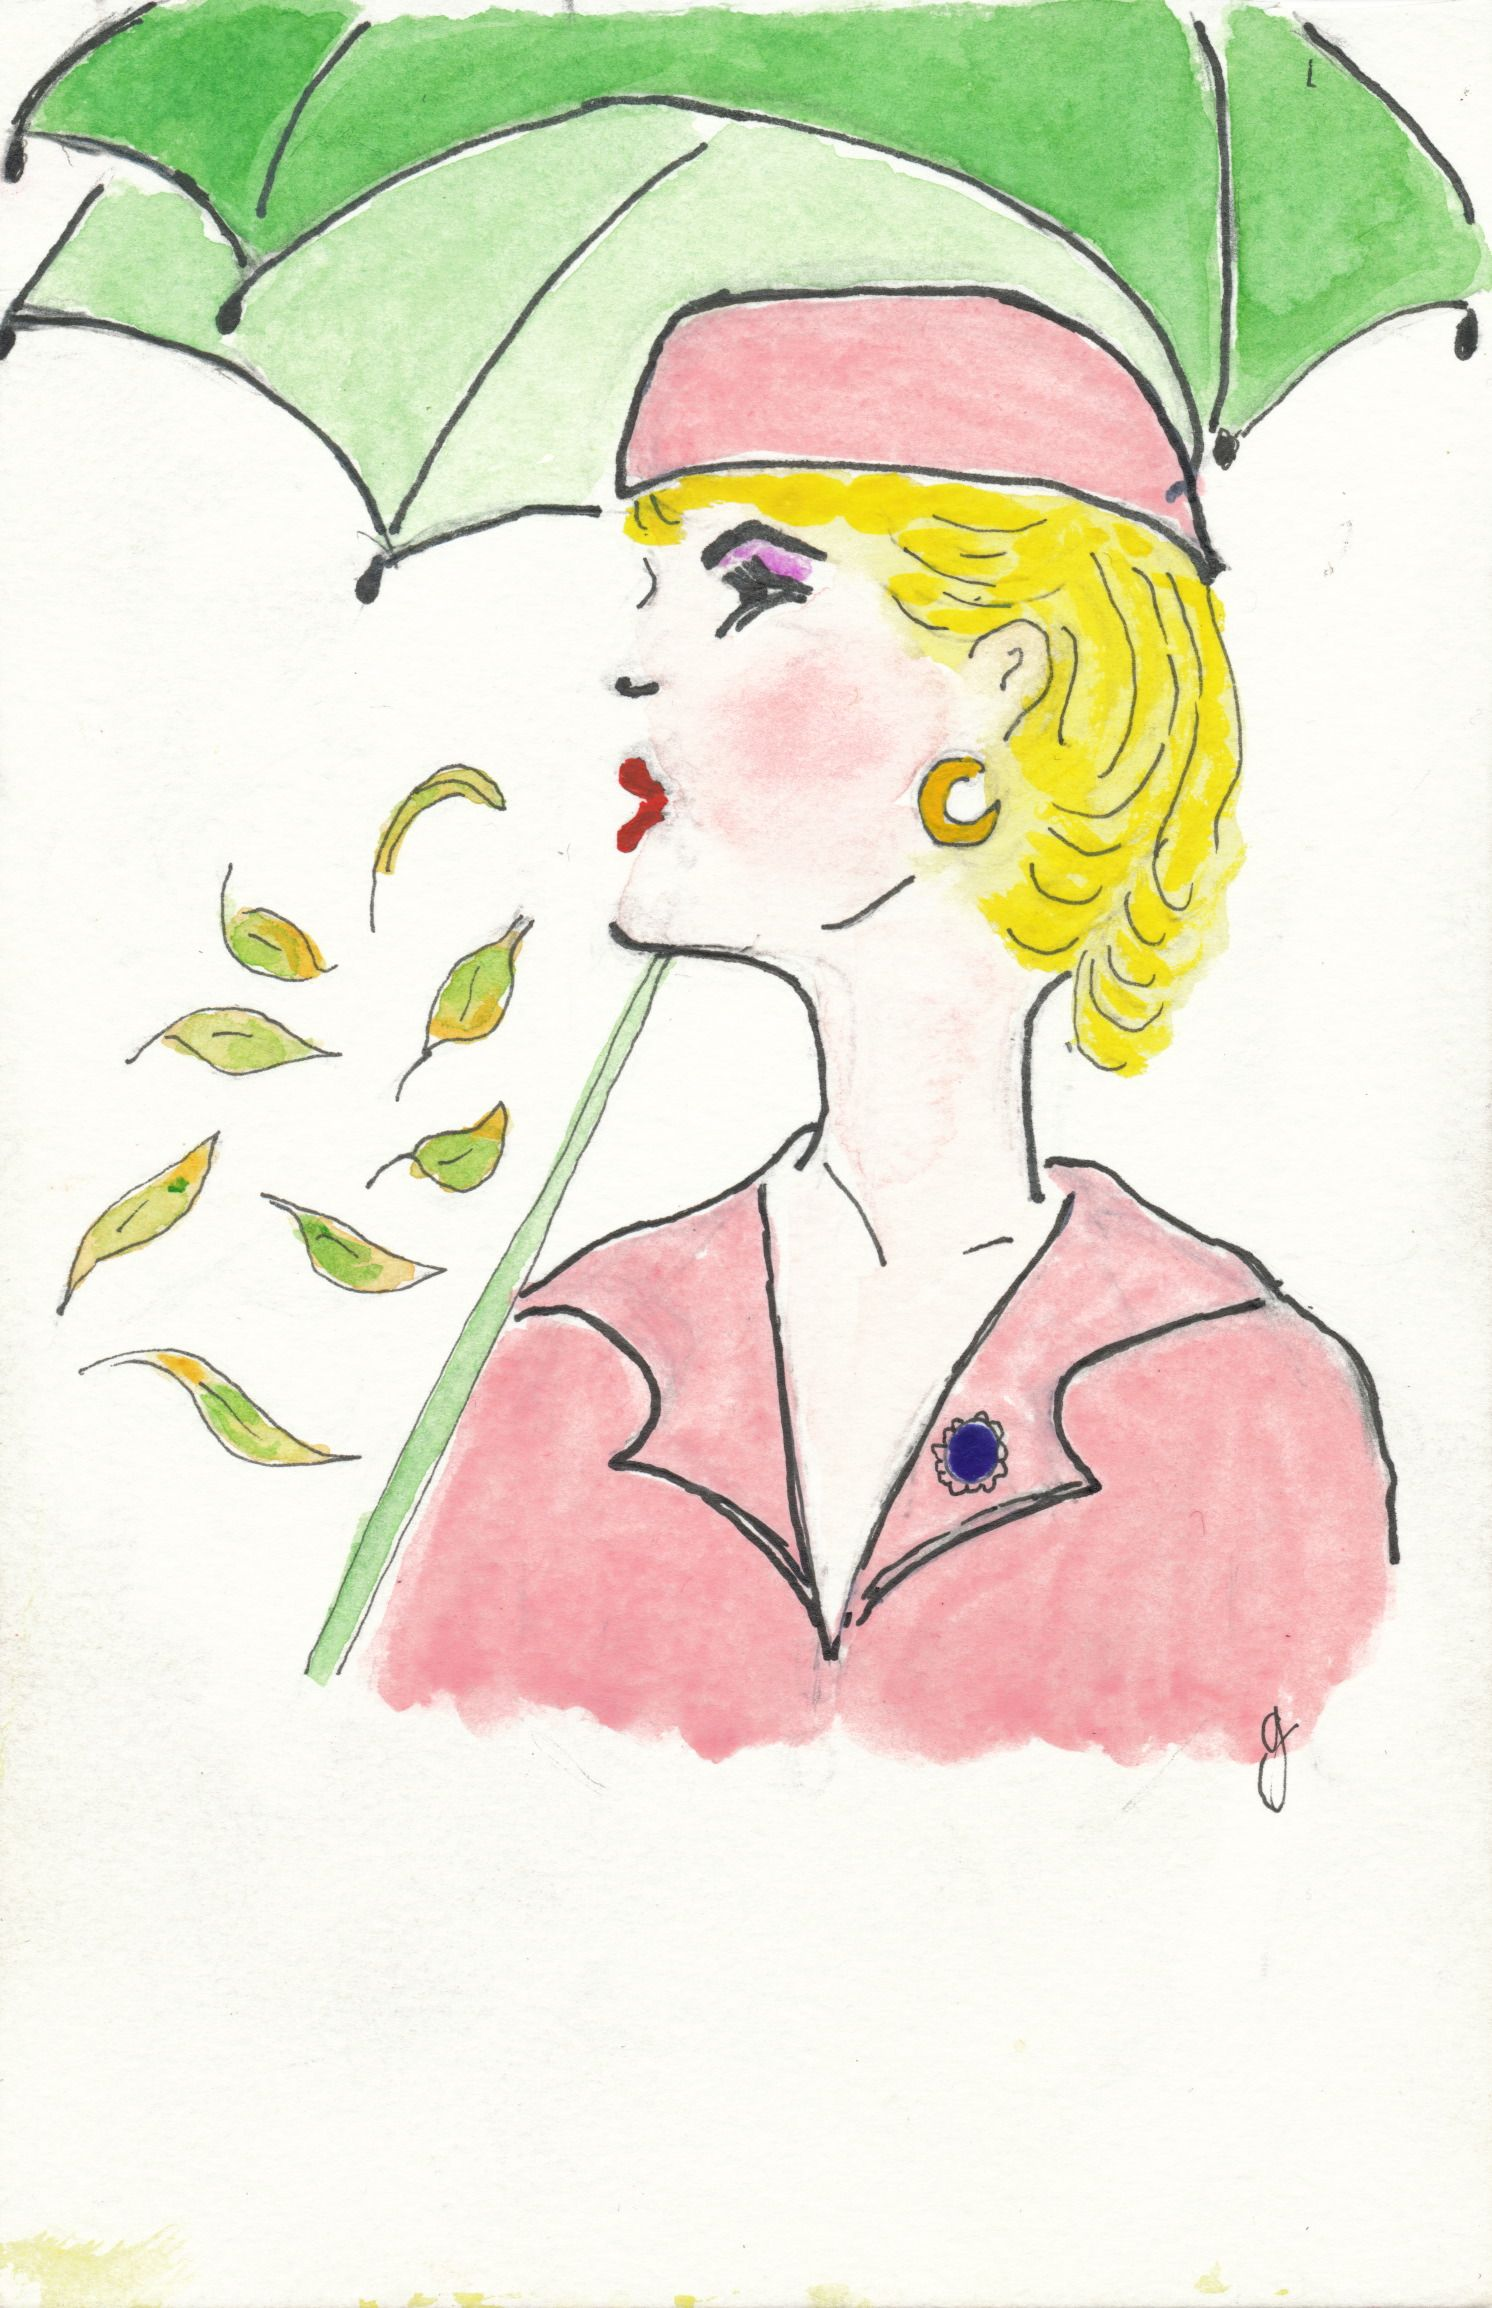 Autumn Winter 1950s Beauty. Illustration: Gillian Didham